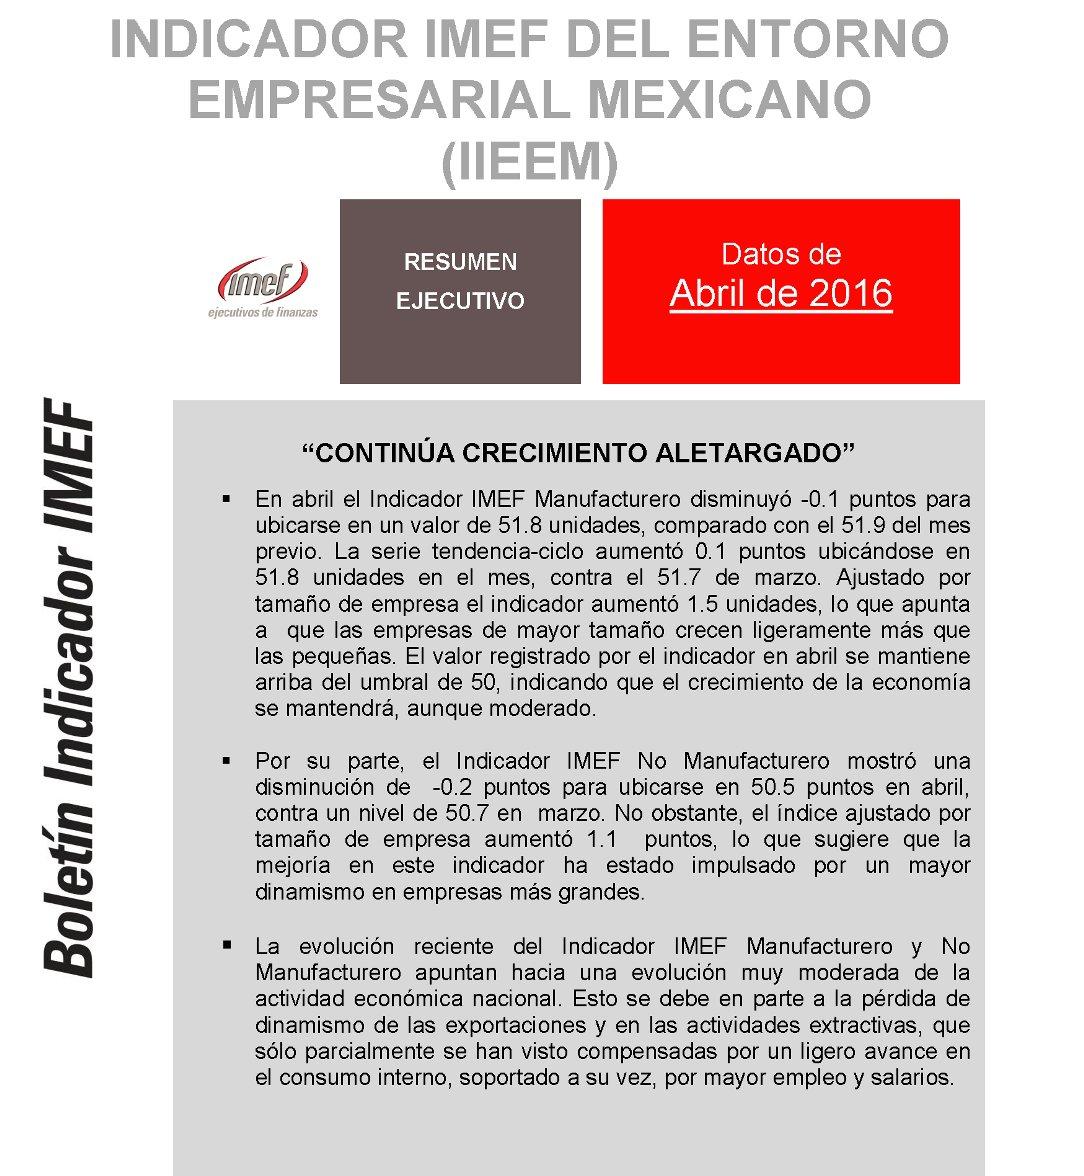 """""""Continúa crecimiento aletargado"""", resultados del #IndicadorIMEF en abril: https://t.co/mLO4G75PZP https://t.co/1hh0NCYjhg"""